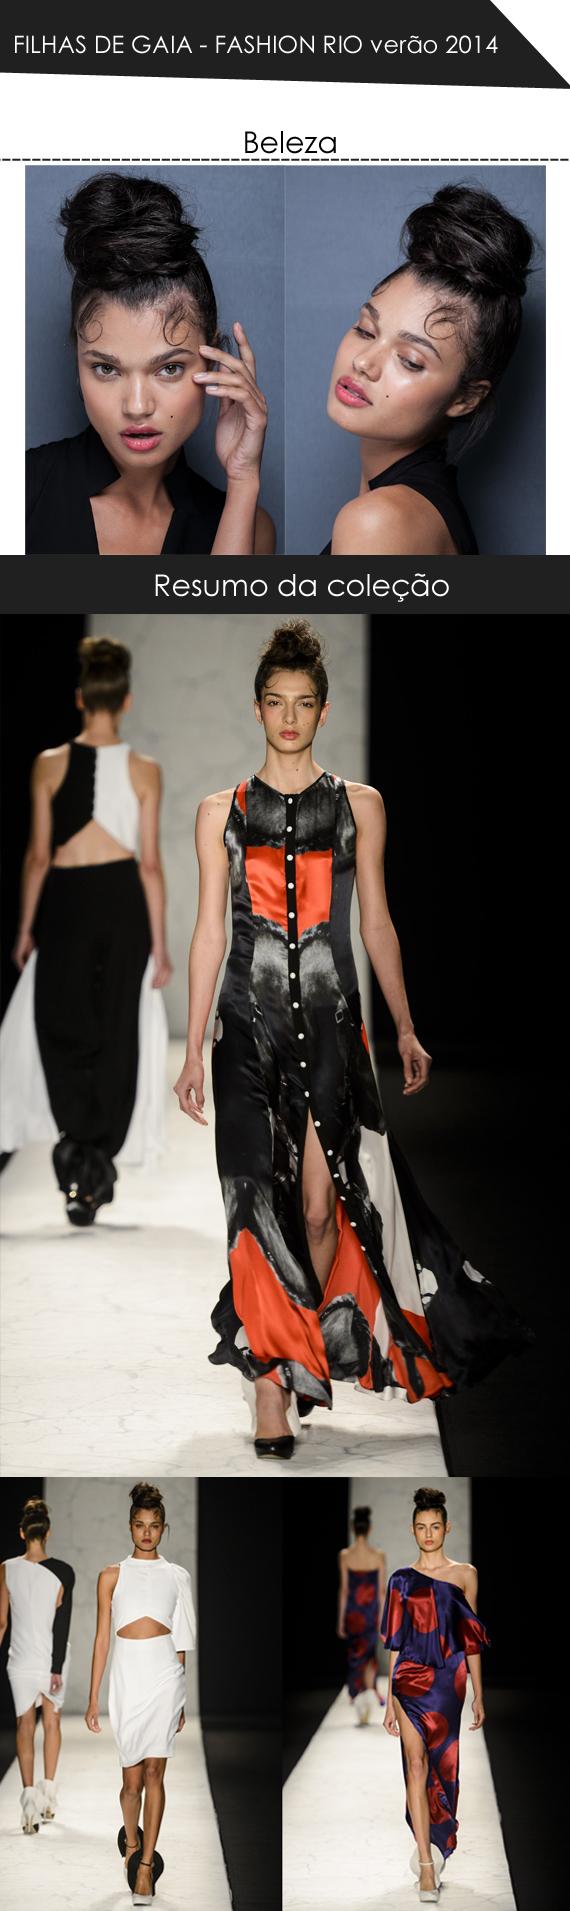 Filhas de gaia rio verão 2014 por Mean Fashion